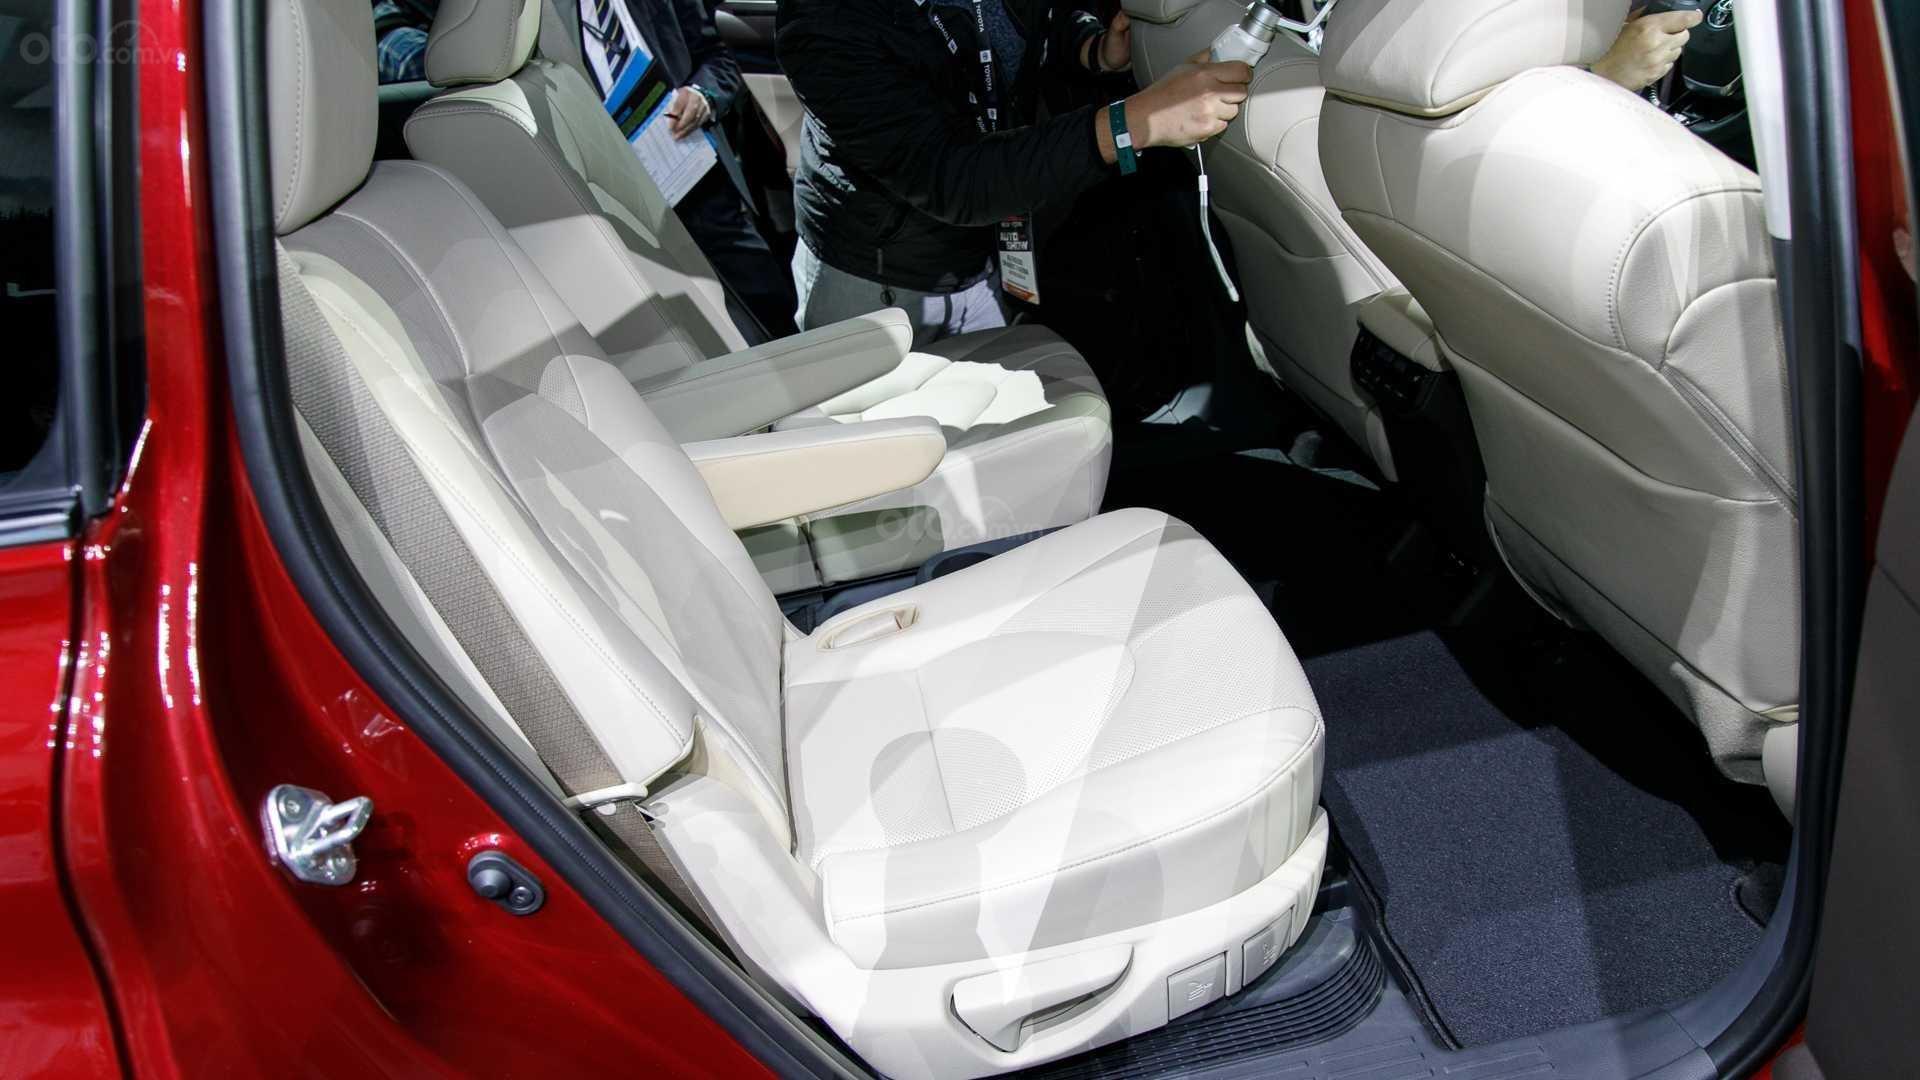 Đánh giá xe Toyota Highlander 2020 - ghế ngồi 2